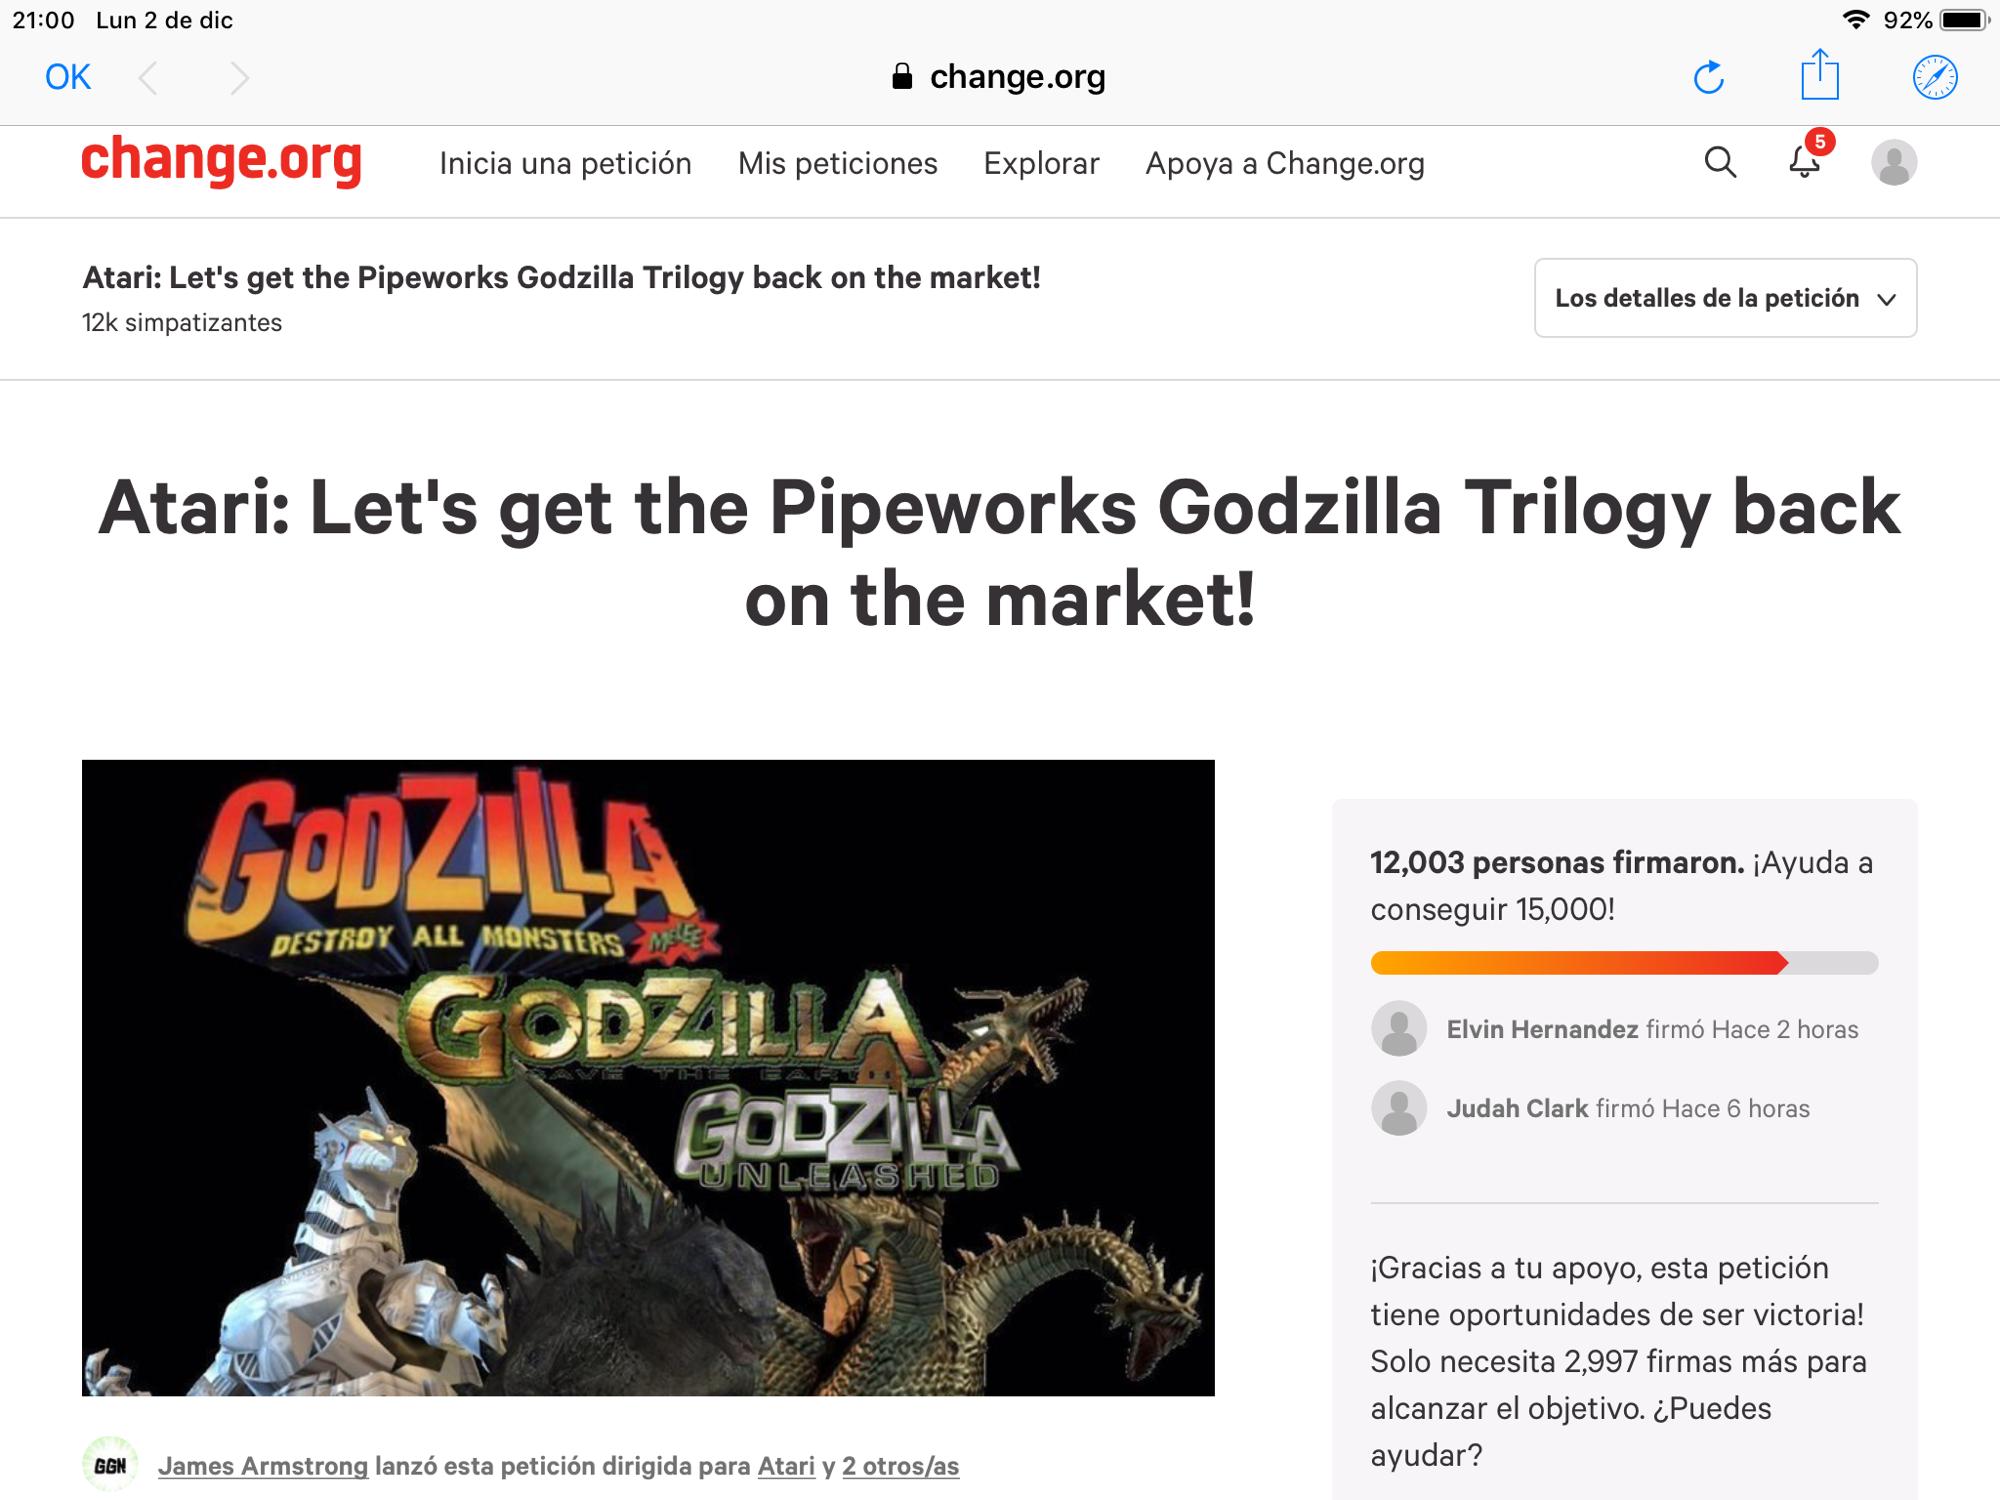 Petición de godzilla